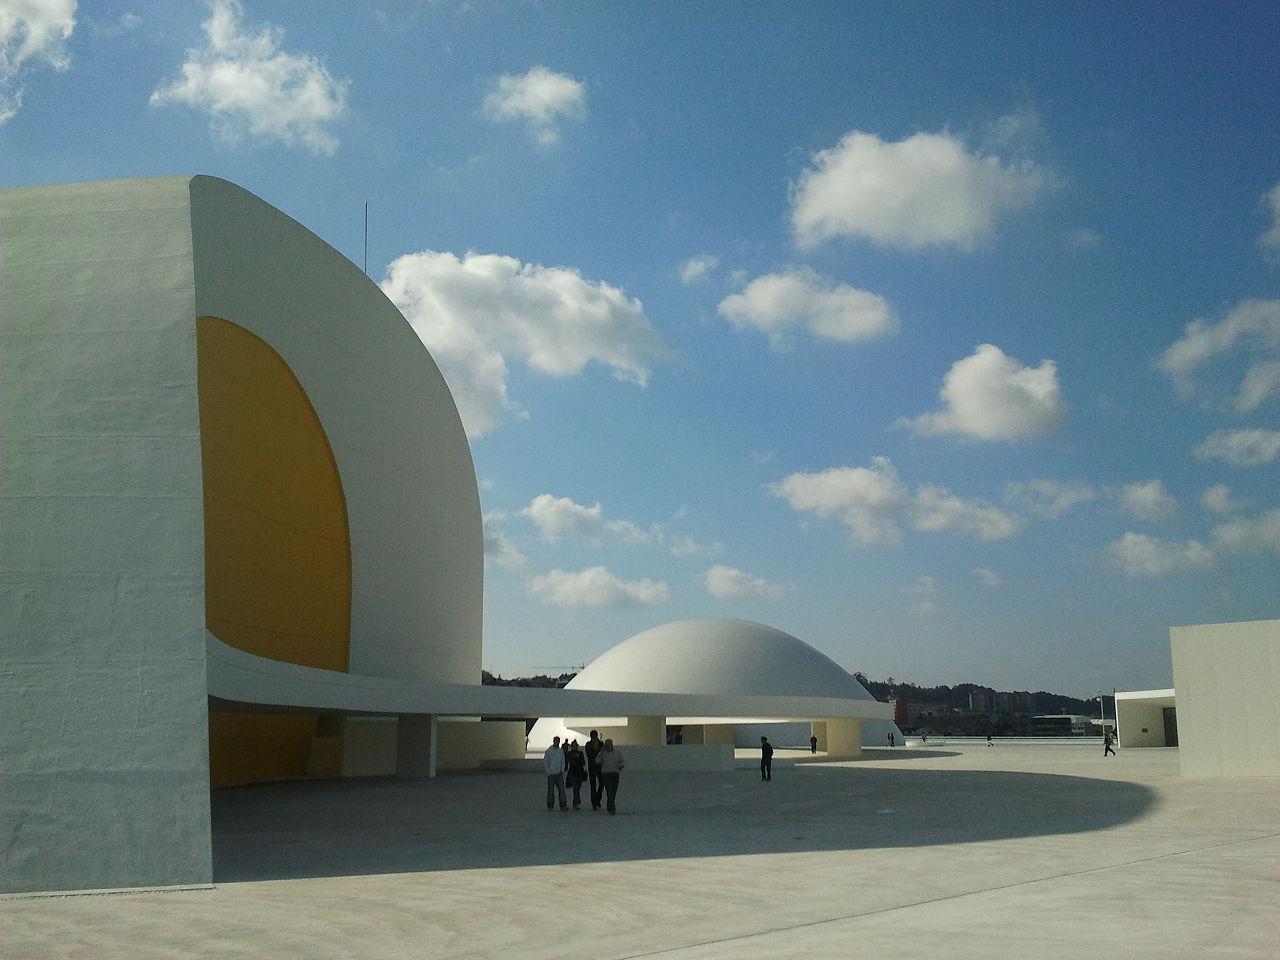 ¿Dónde está este edificio diseñado por el arquitecto Oscar Niemeyer?